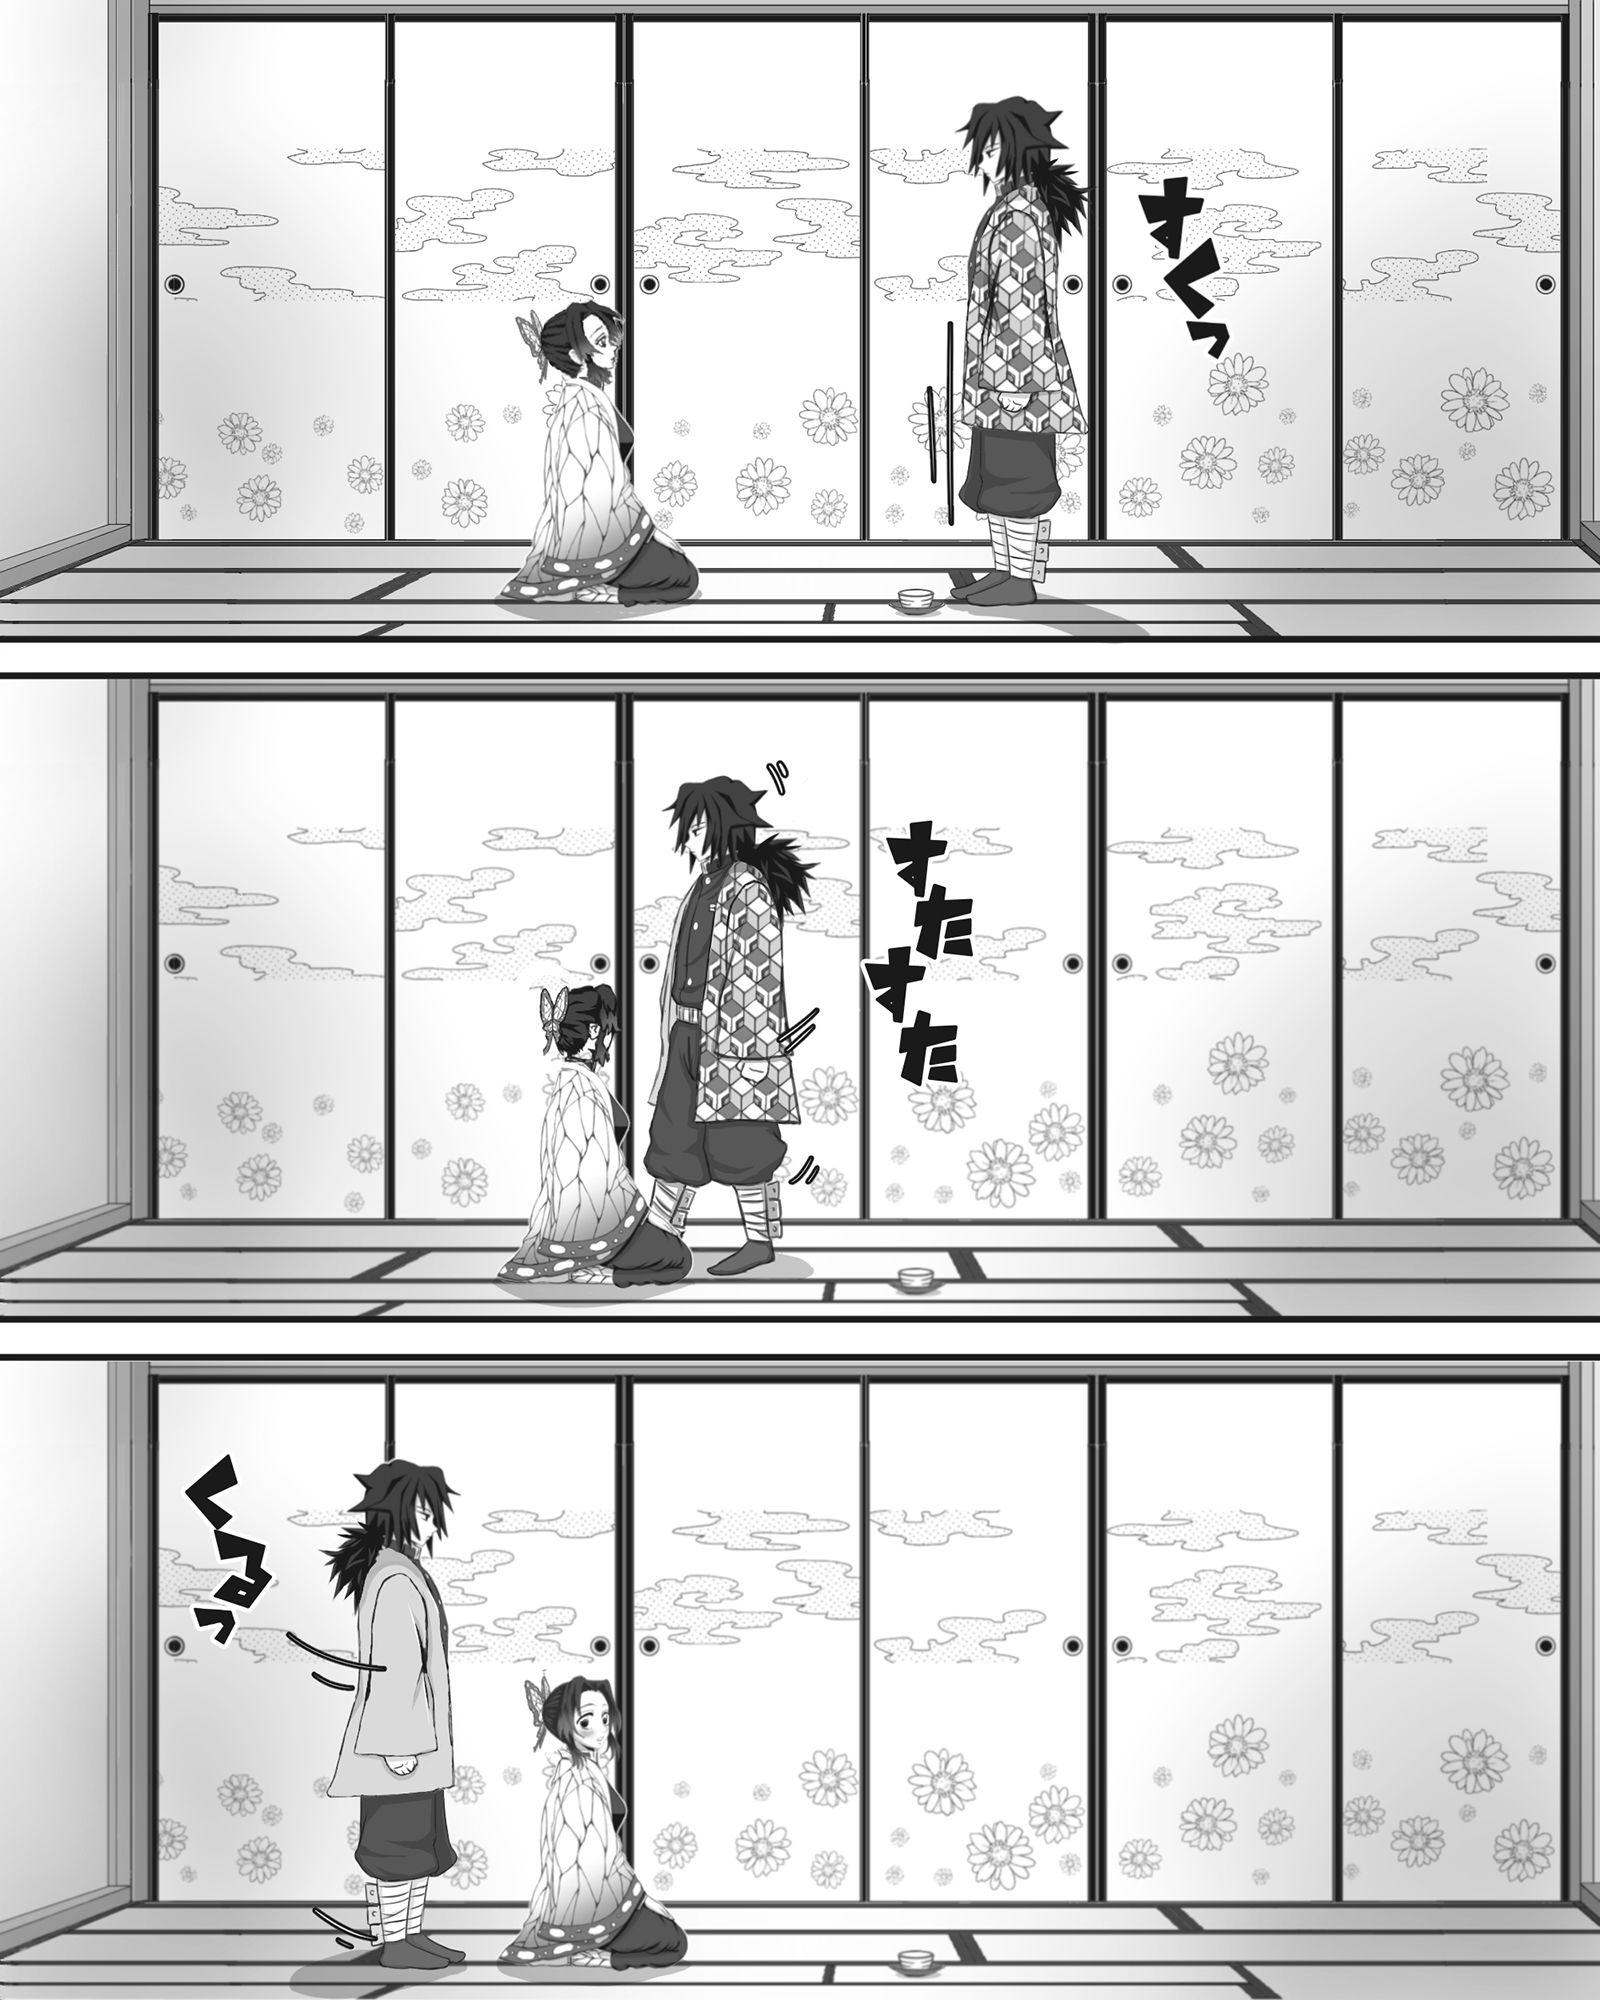 サンプル画像4:水と蝶(ピノチカ) [d_200275]